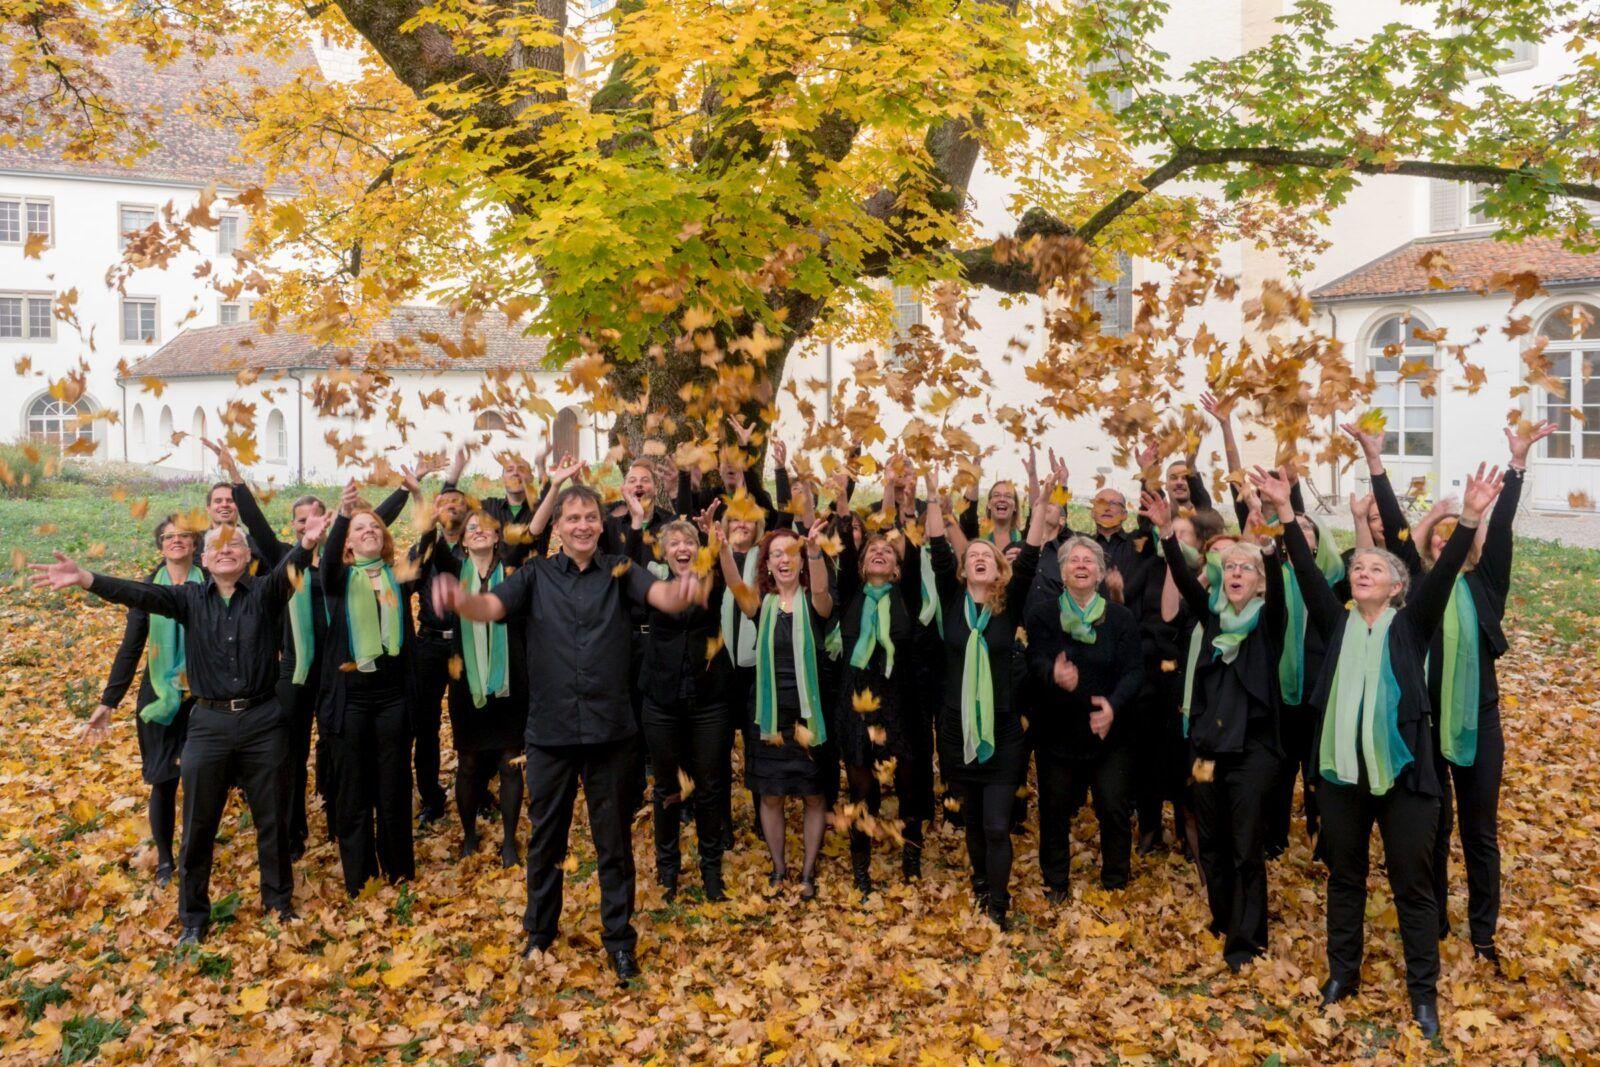 Chor mit fallenden Herbstblättern